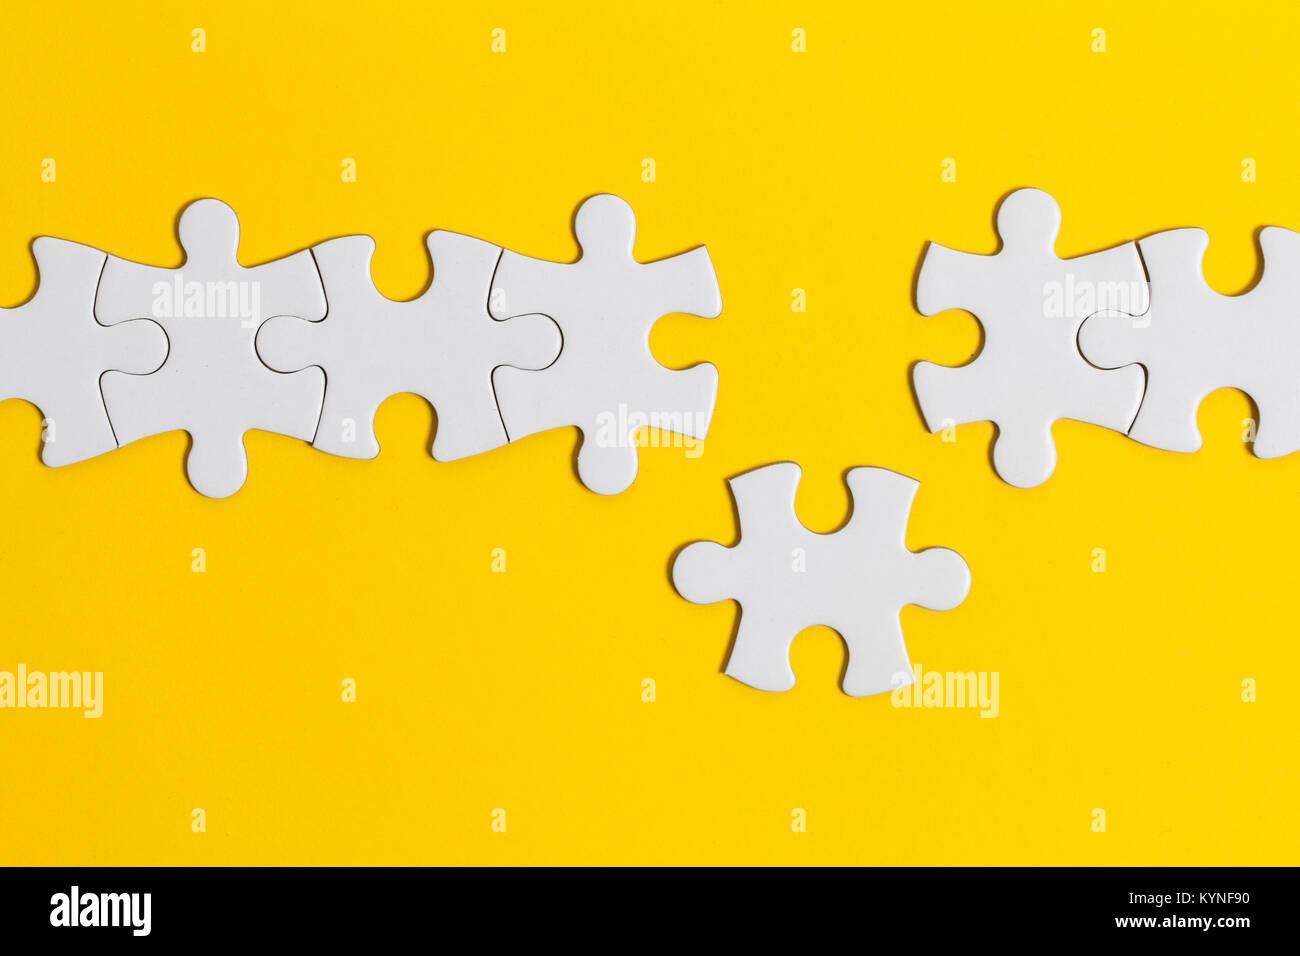 White jigsaw puzzle pezzi su uno sfondo giallo. Business del concetto di soluzione Immagini Stock